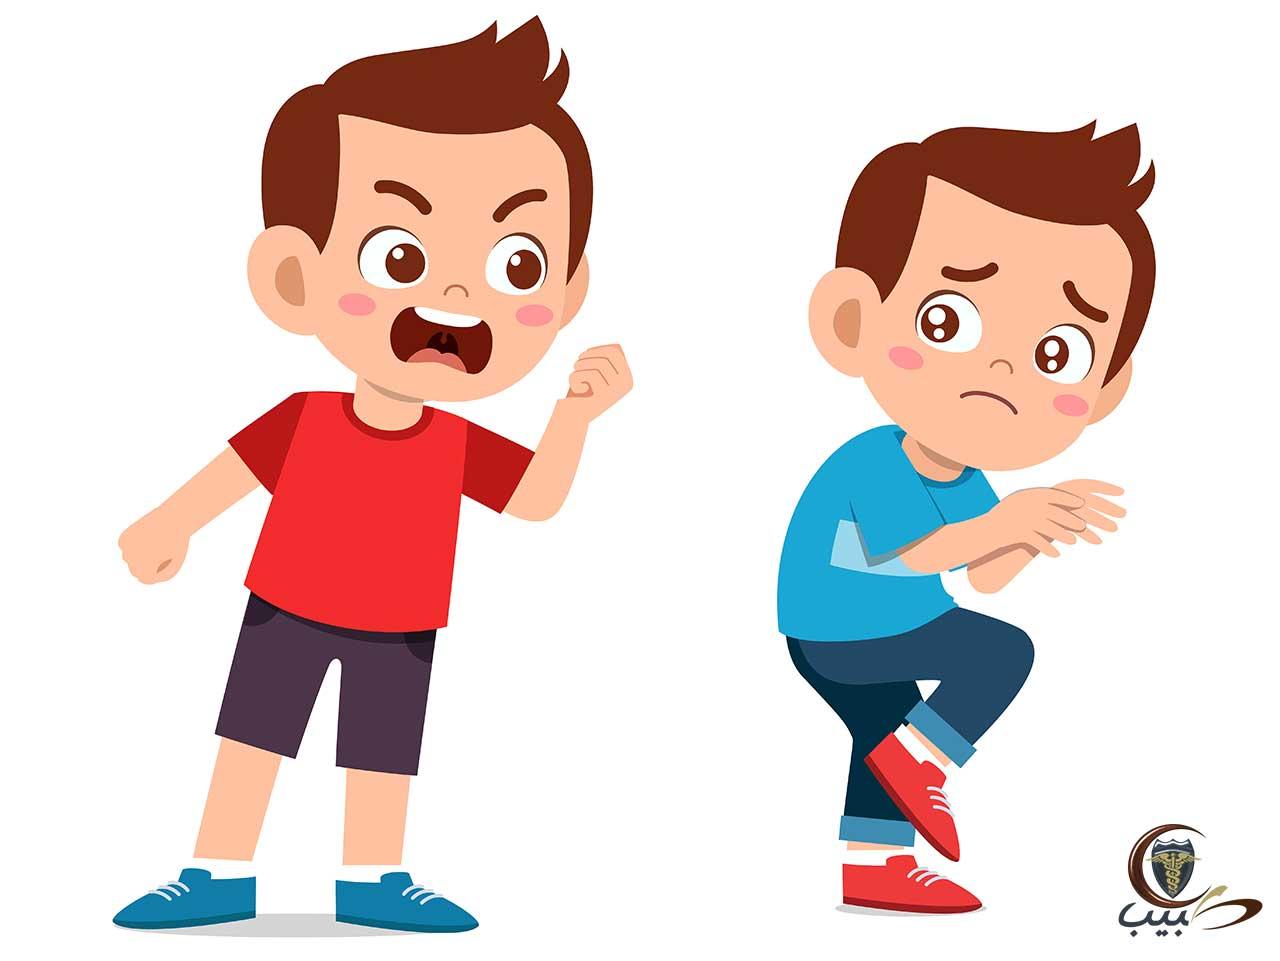 أمثلة المشاكل السلوكية الخطيرة في المدرسة